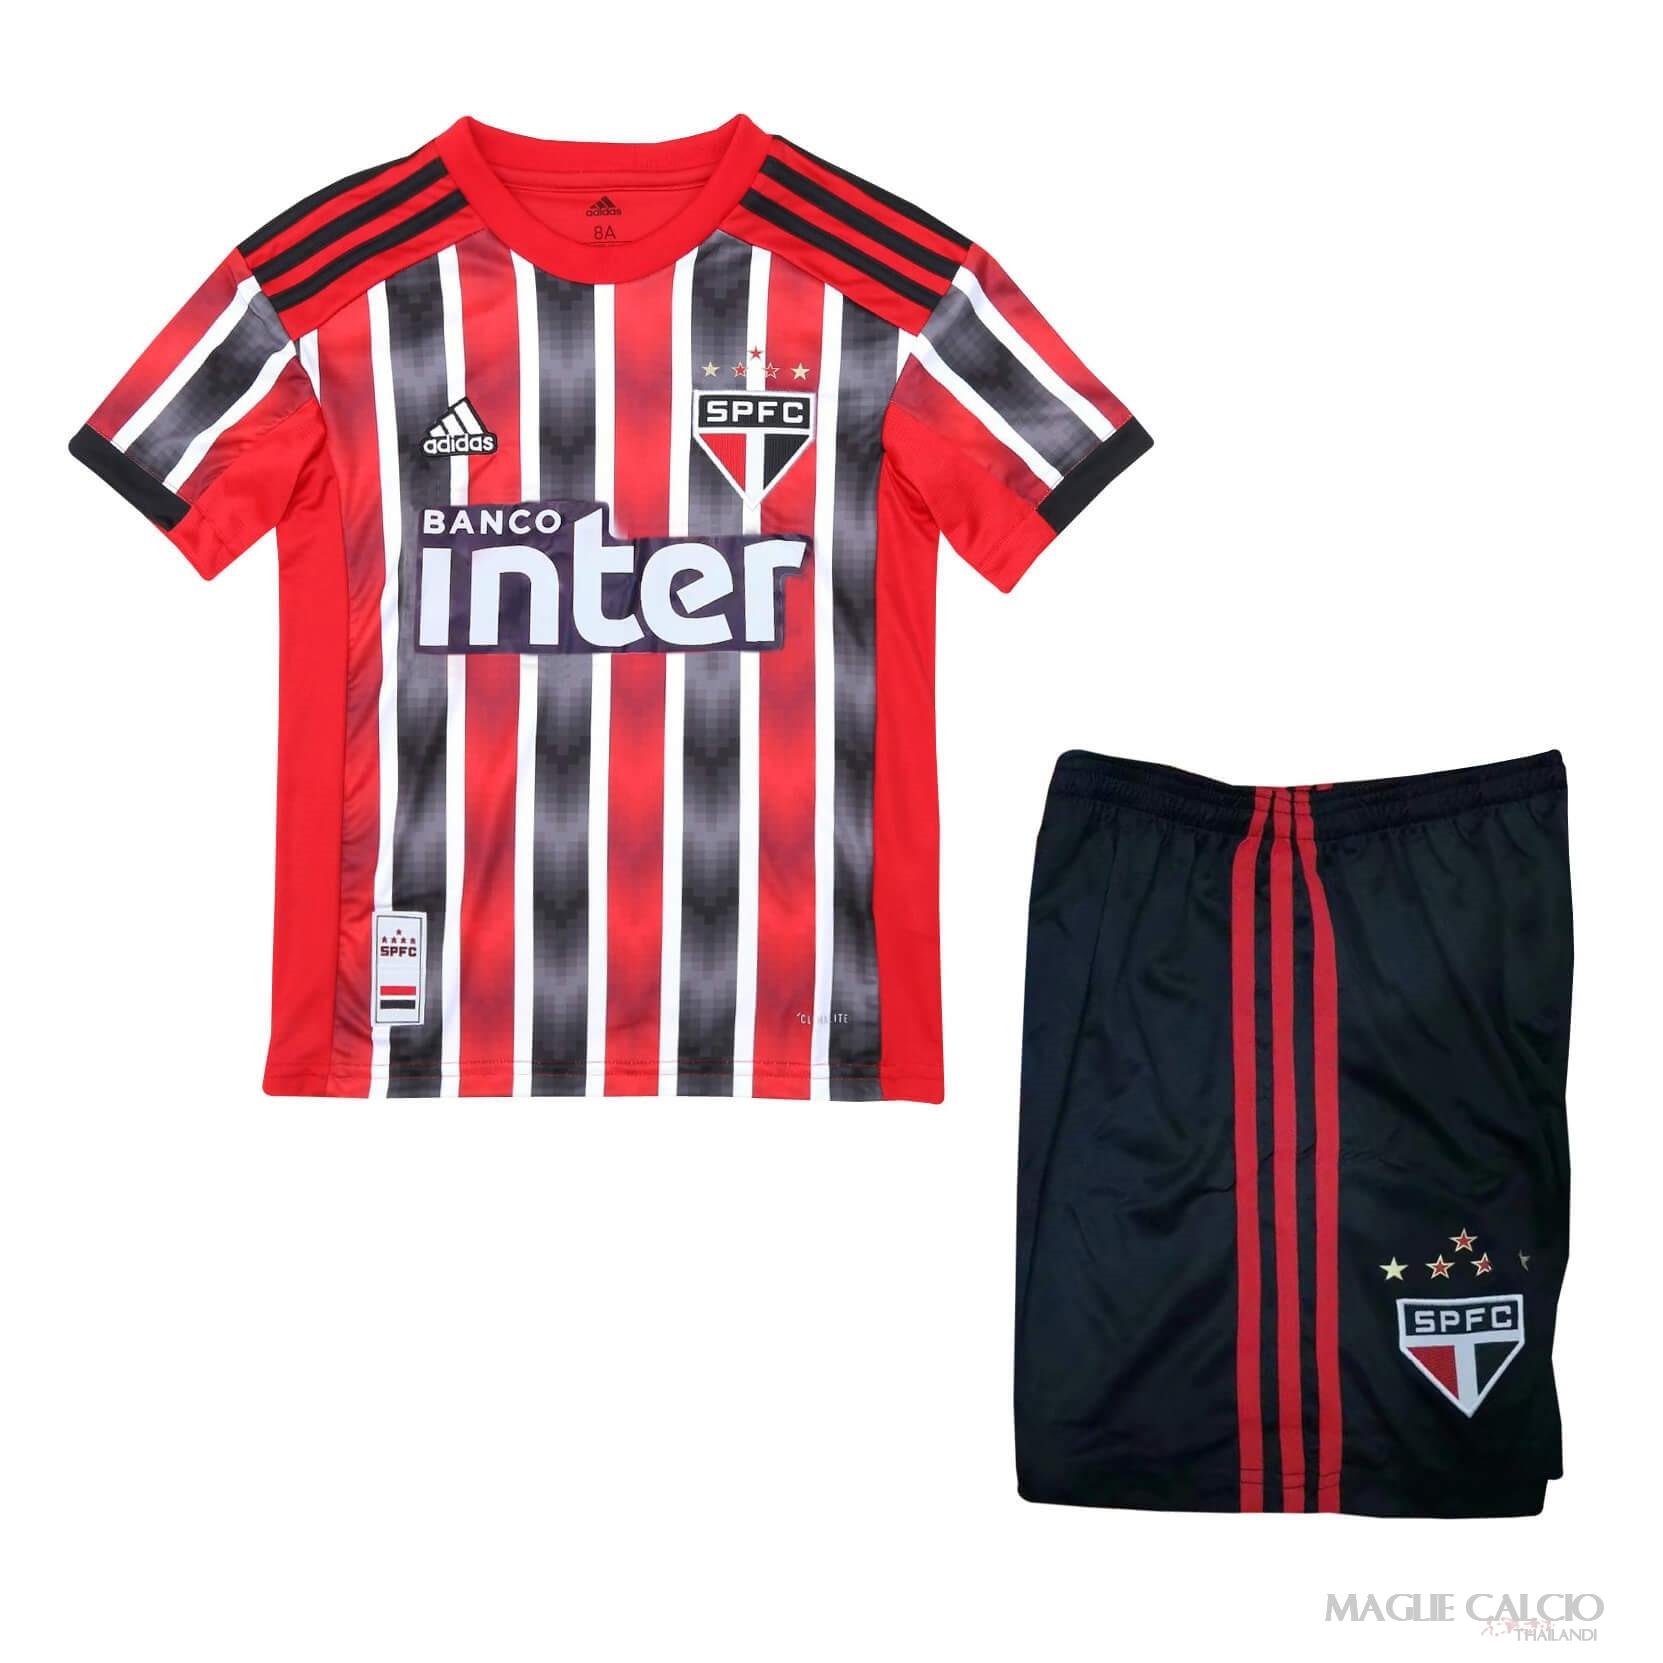 Originali Vendita São Paulo Bambino Maglie Calcio Thailandi